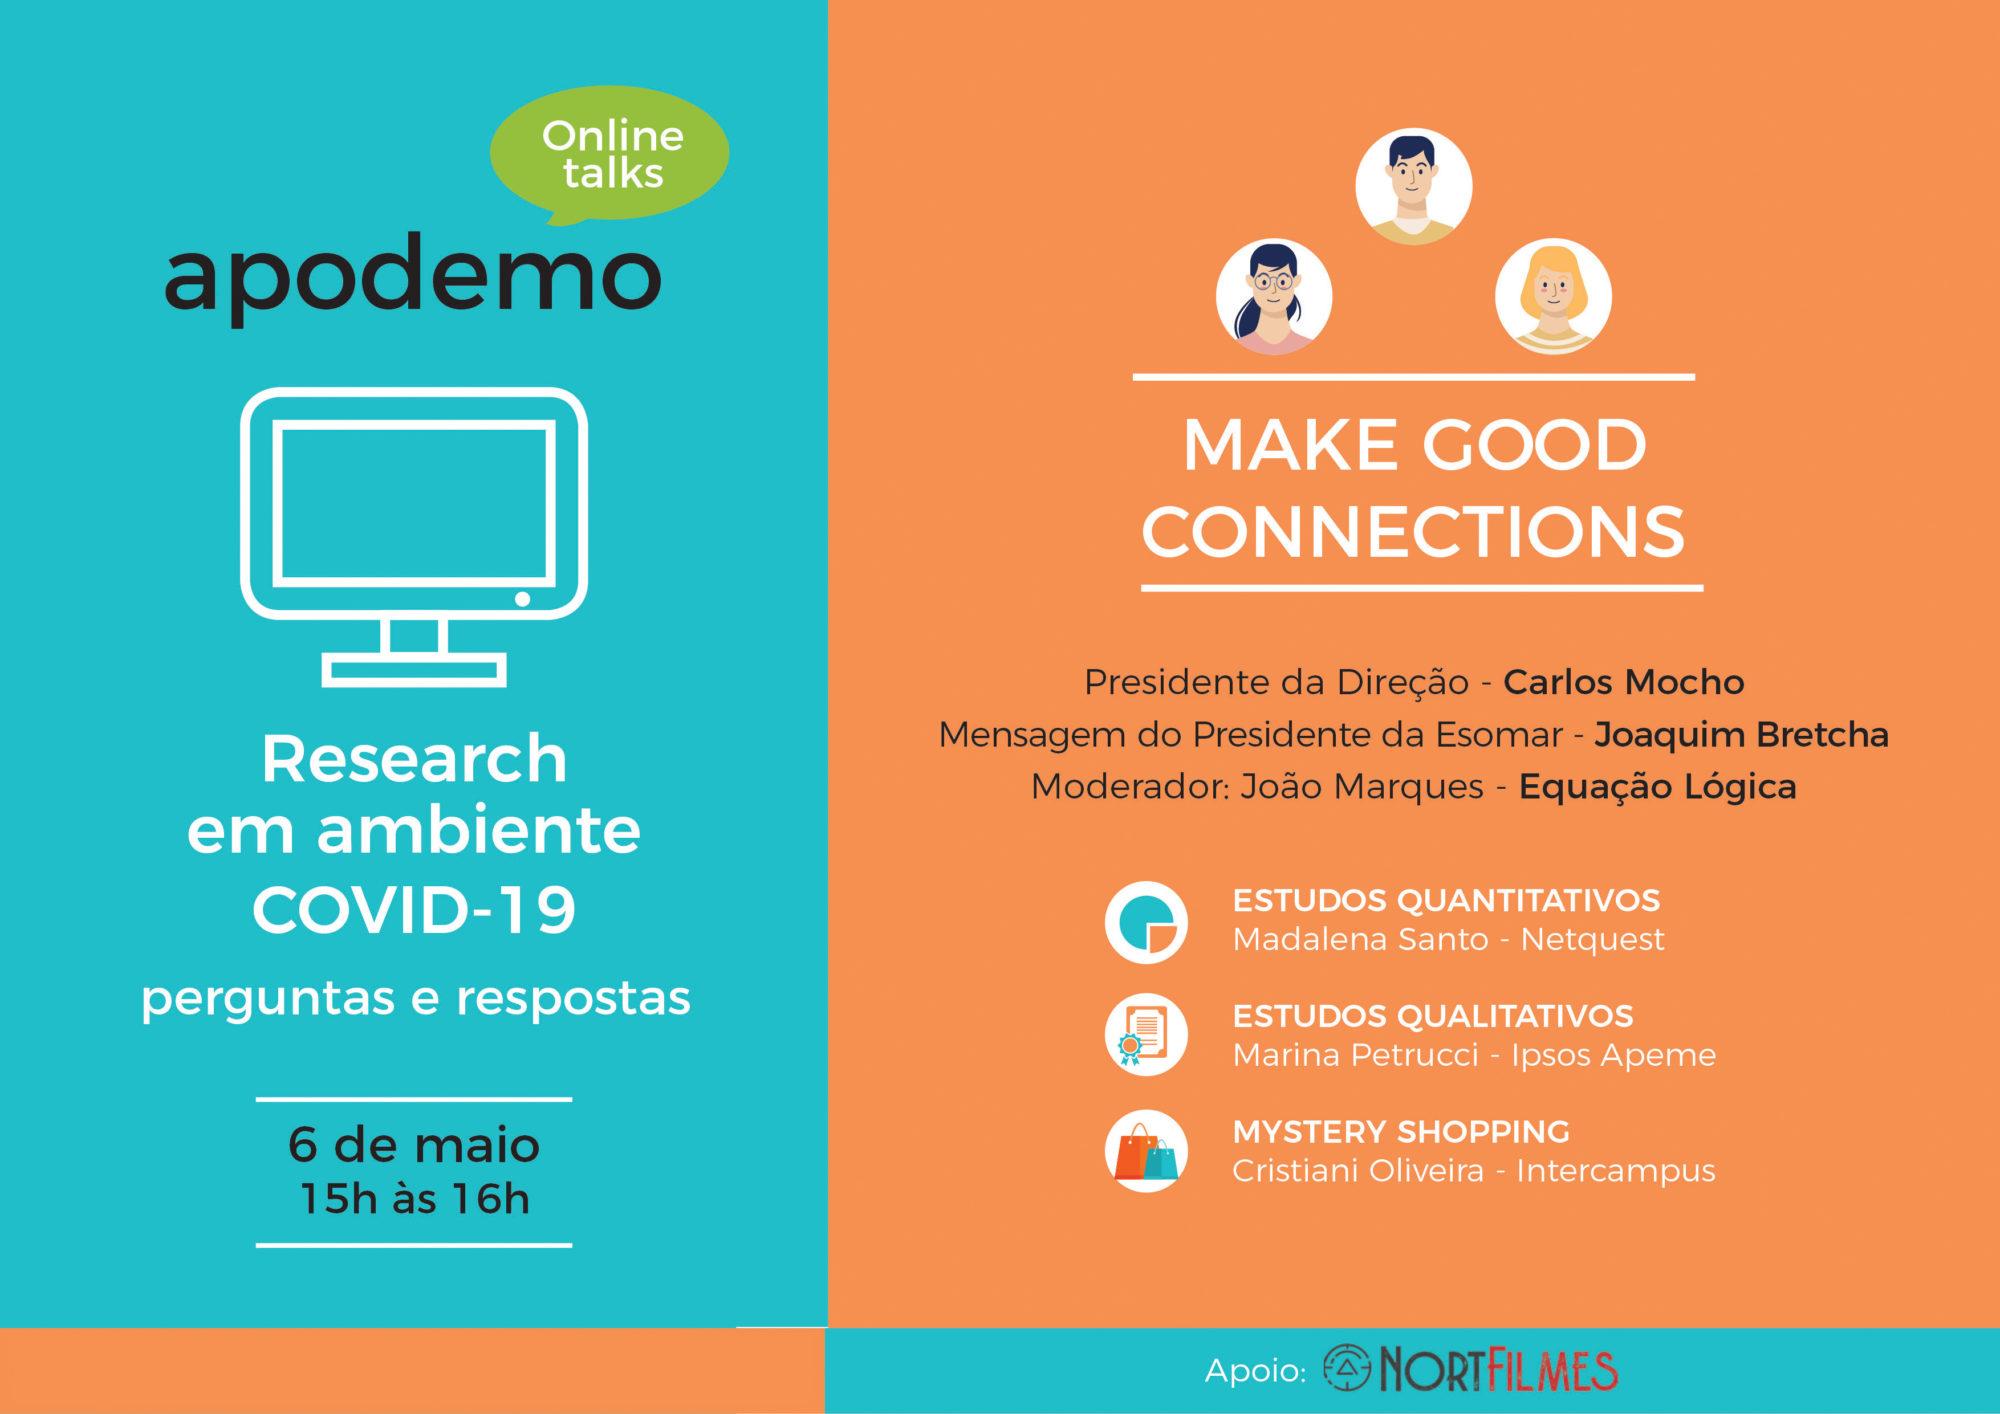 Apodemo online talks dia 6 de maio, às 15horas